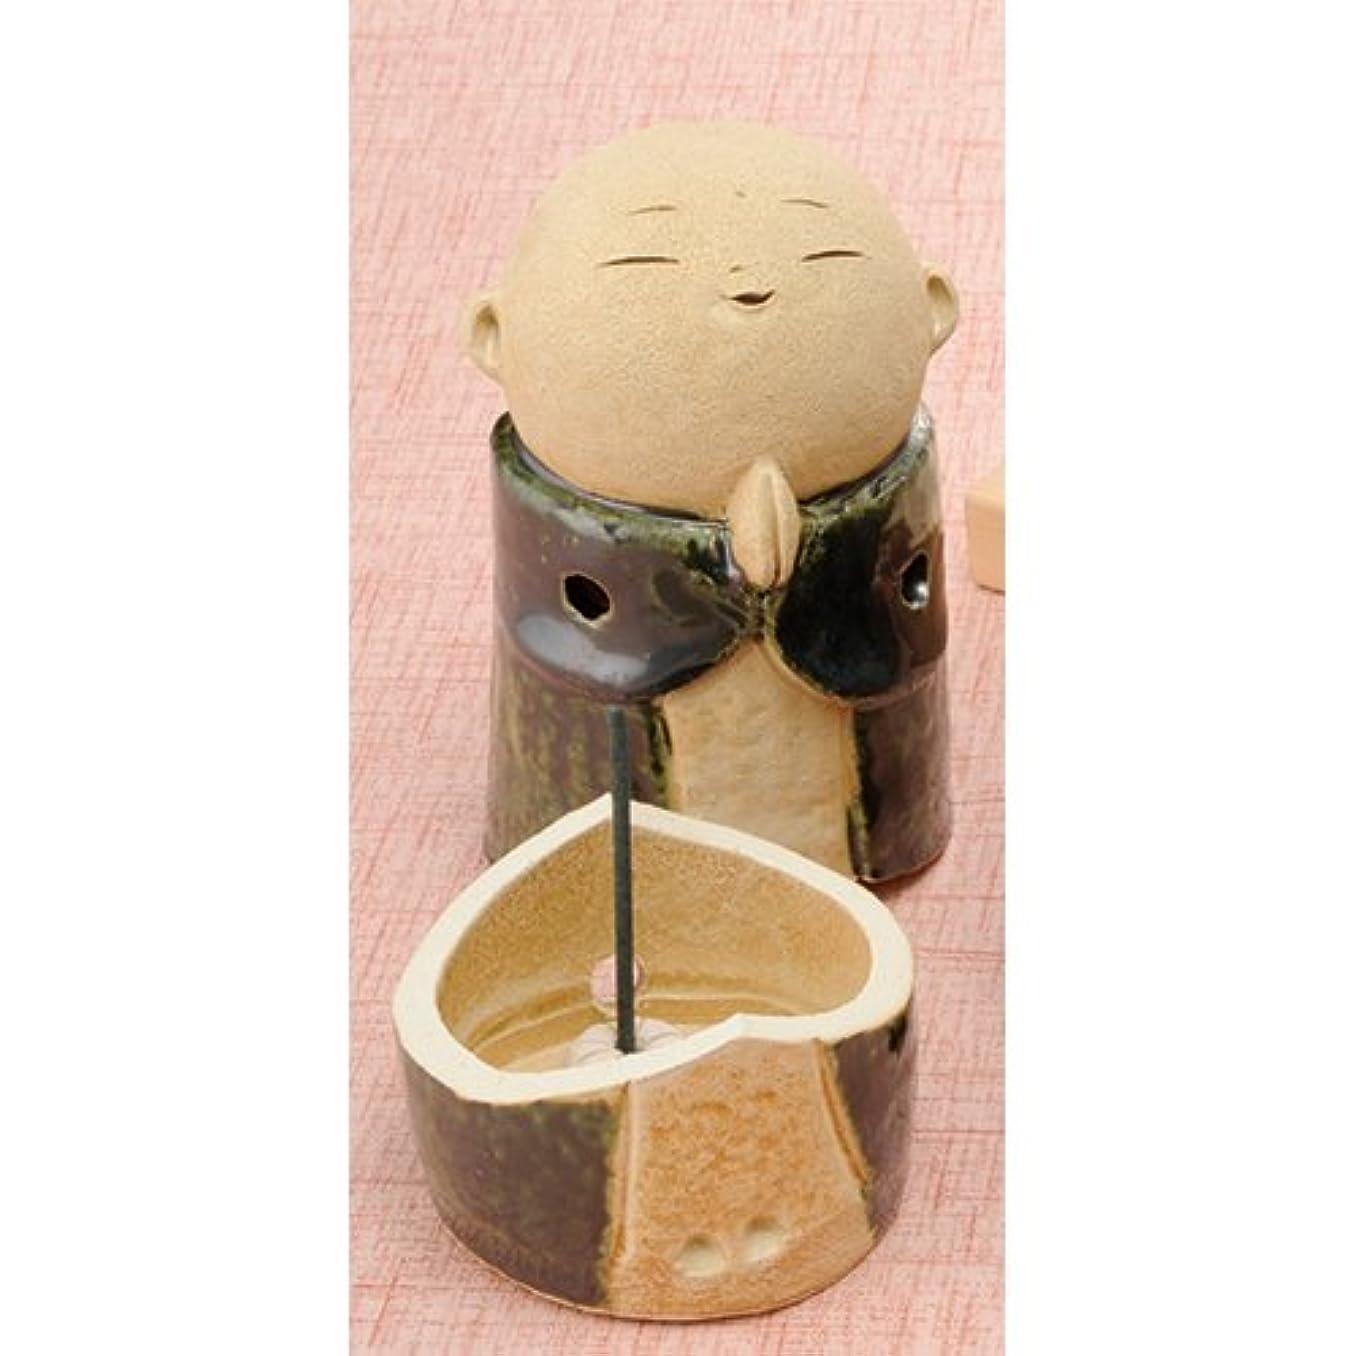 普通のバーマドまともなお地蔵様 香炉シリーズ 織部 お地蔵様 香炉 5.3寸(大) [H15.5cm] HANDMADE プレゼント ギフト 和食器 かわいい インテリア